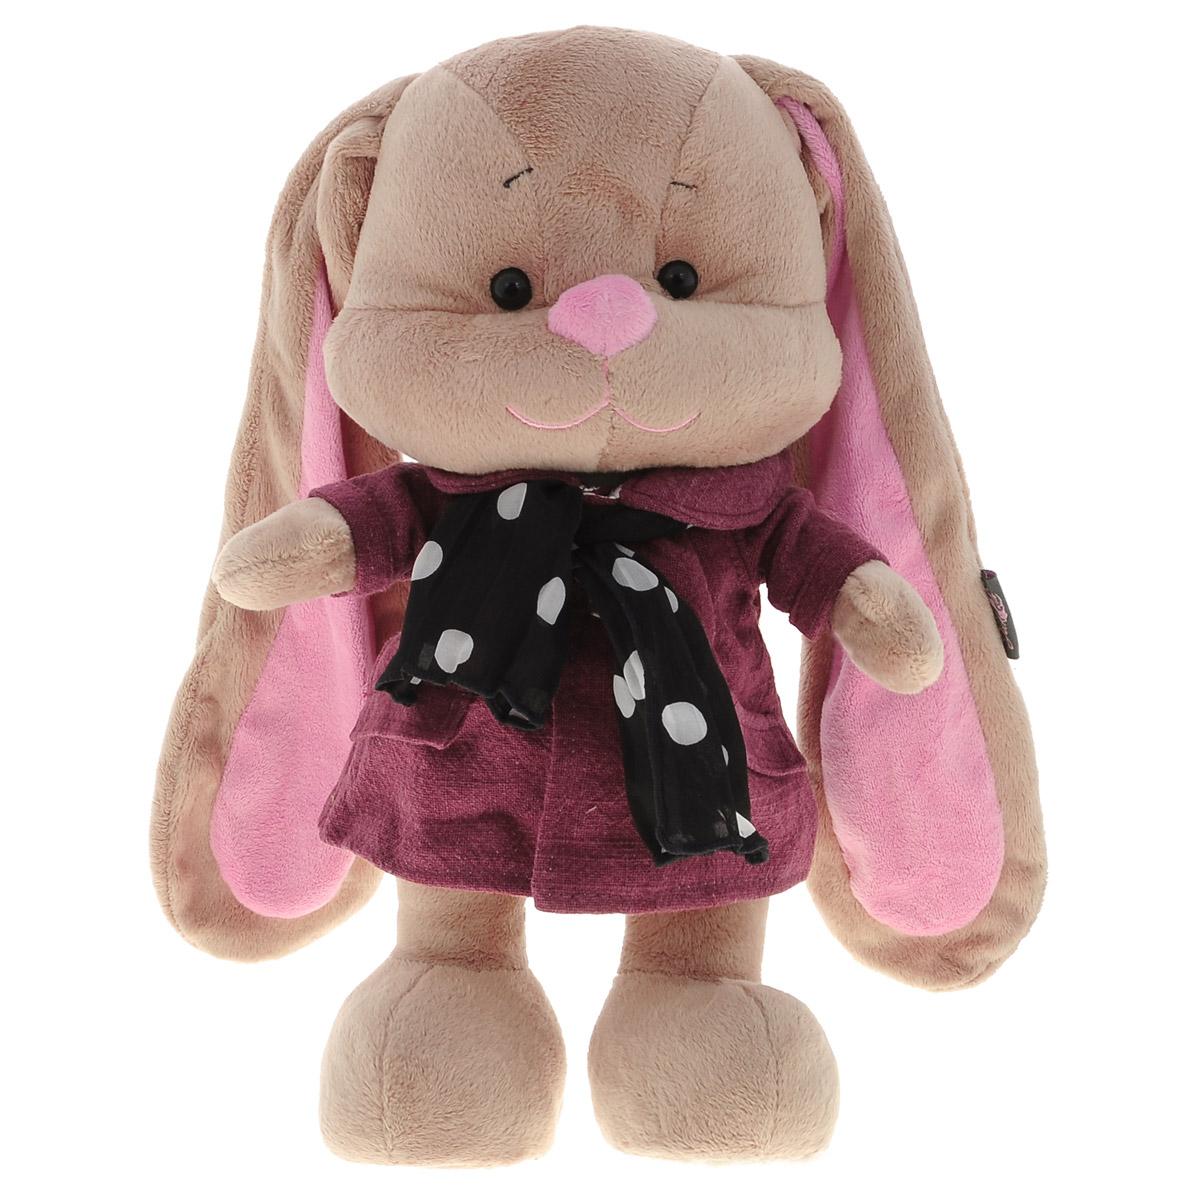 Maxi Toys Мягкая игрушка Зайка Лин, цвет пальто: бордовый, 34 см